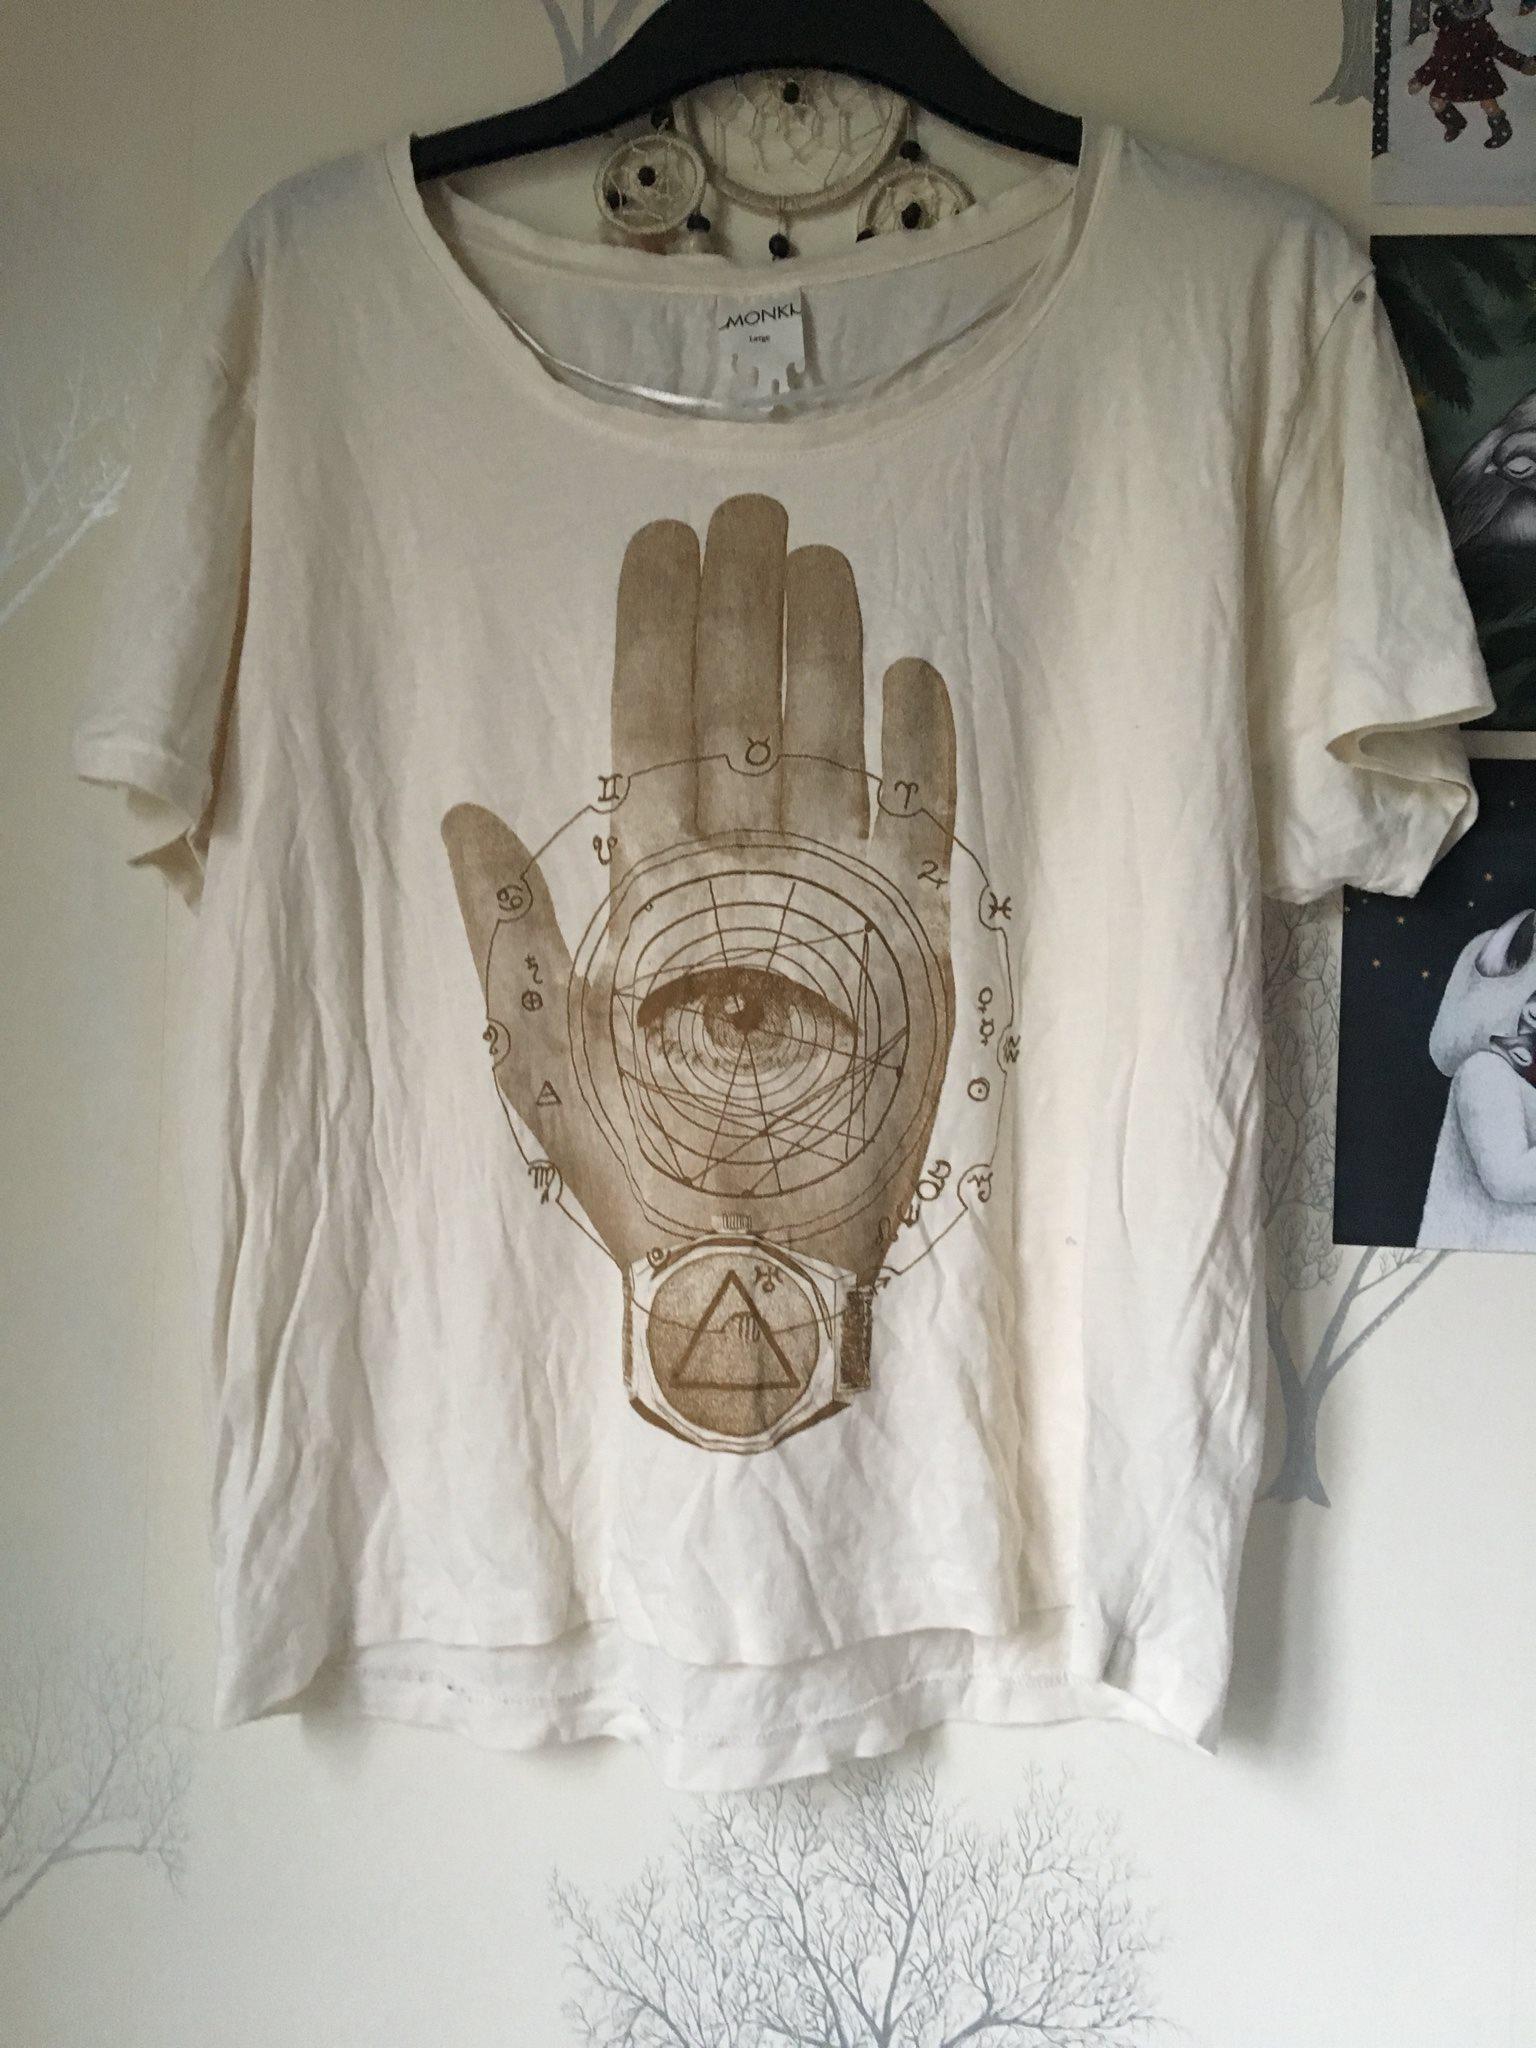 4e7d27da804f Hamsa t-shirt från monki, storlek s/m (333765456) ᐈ Köp på Tradera